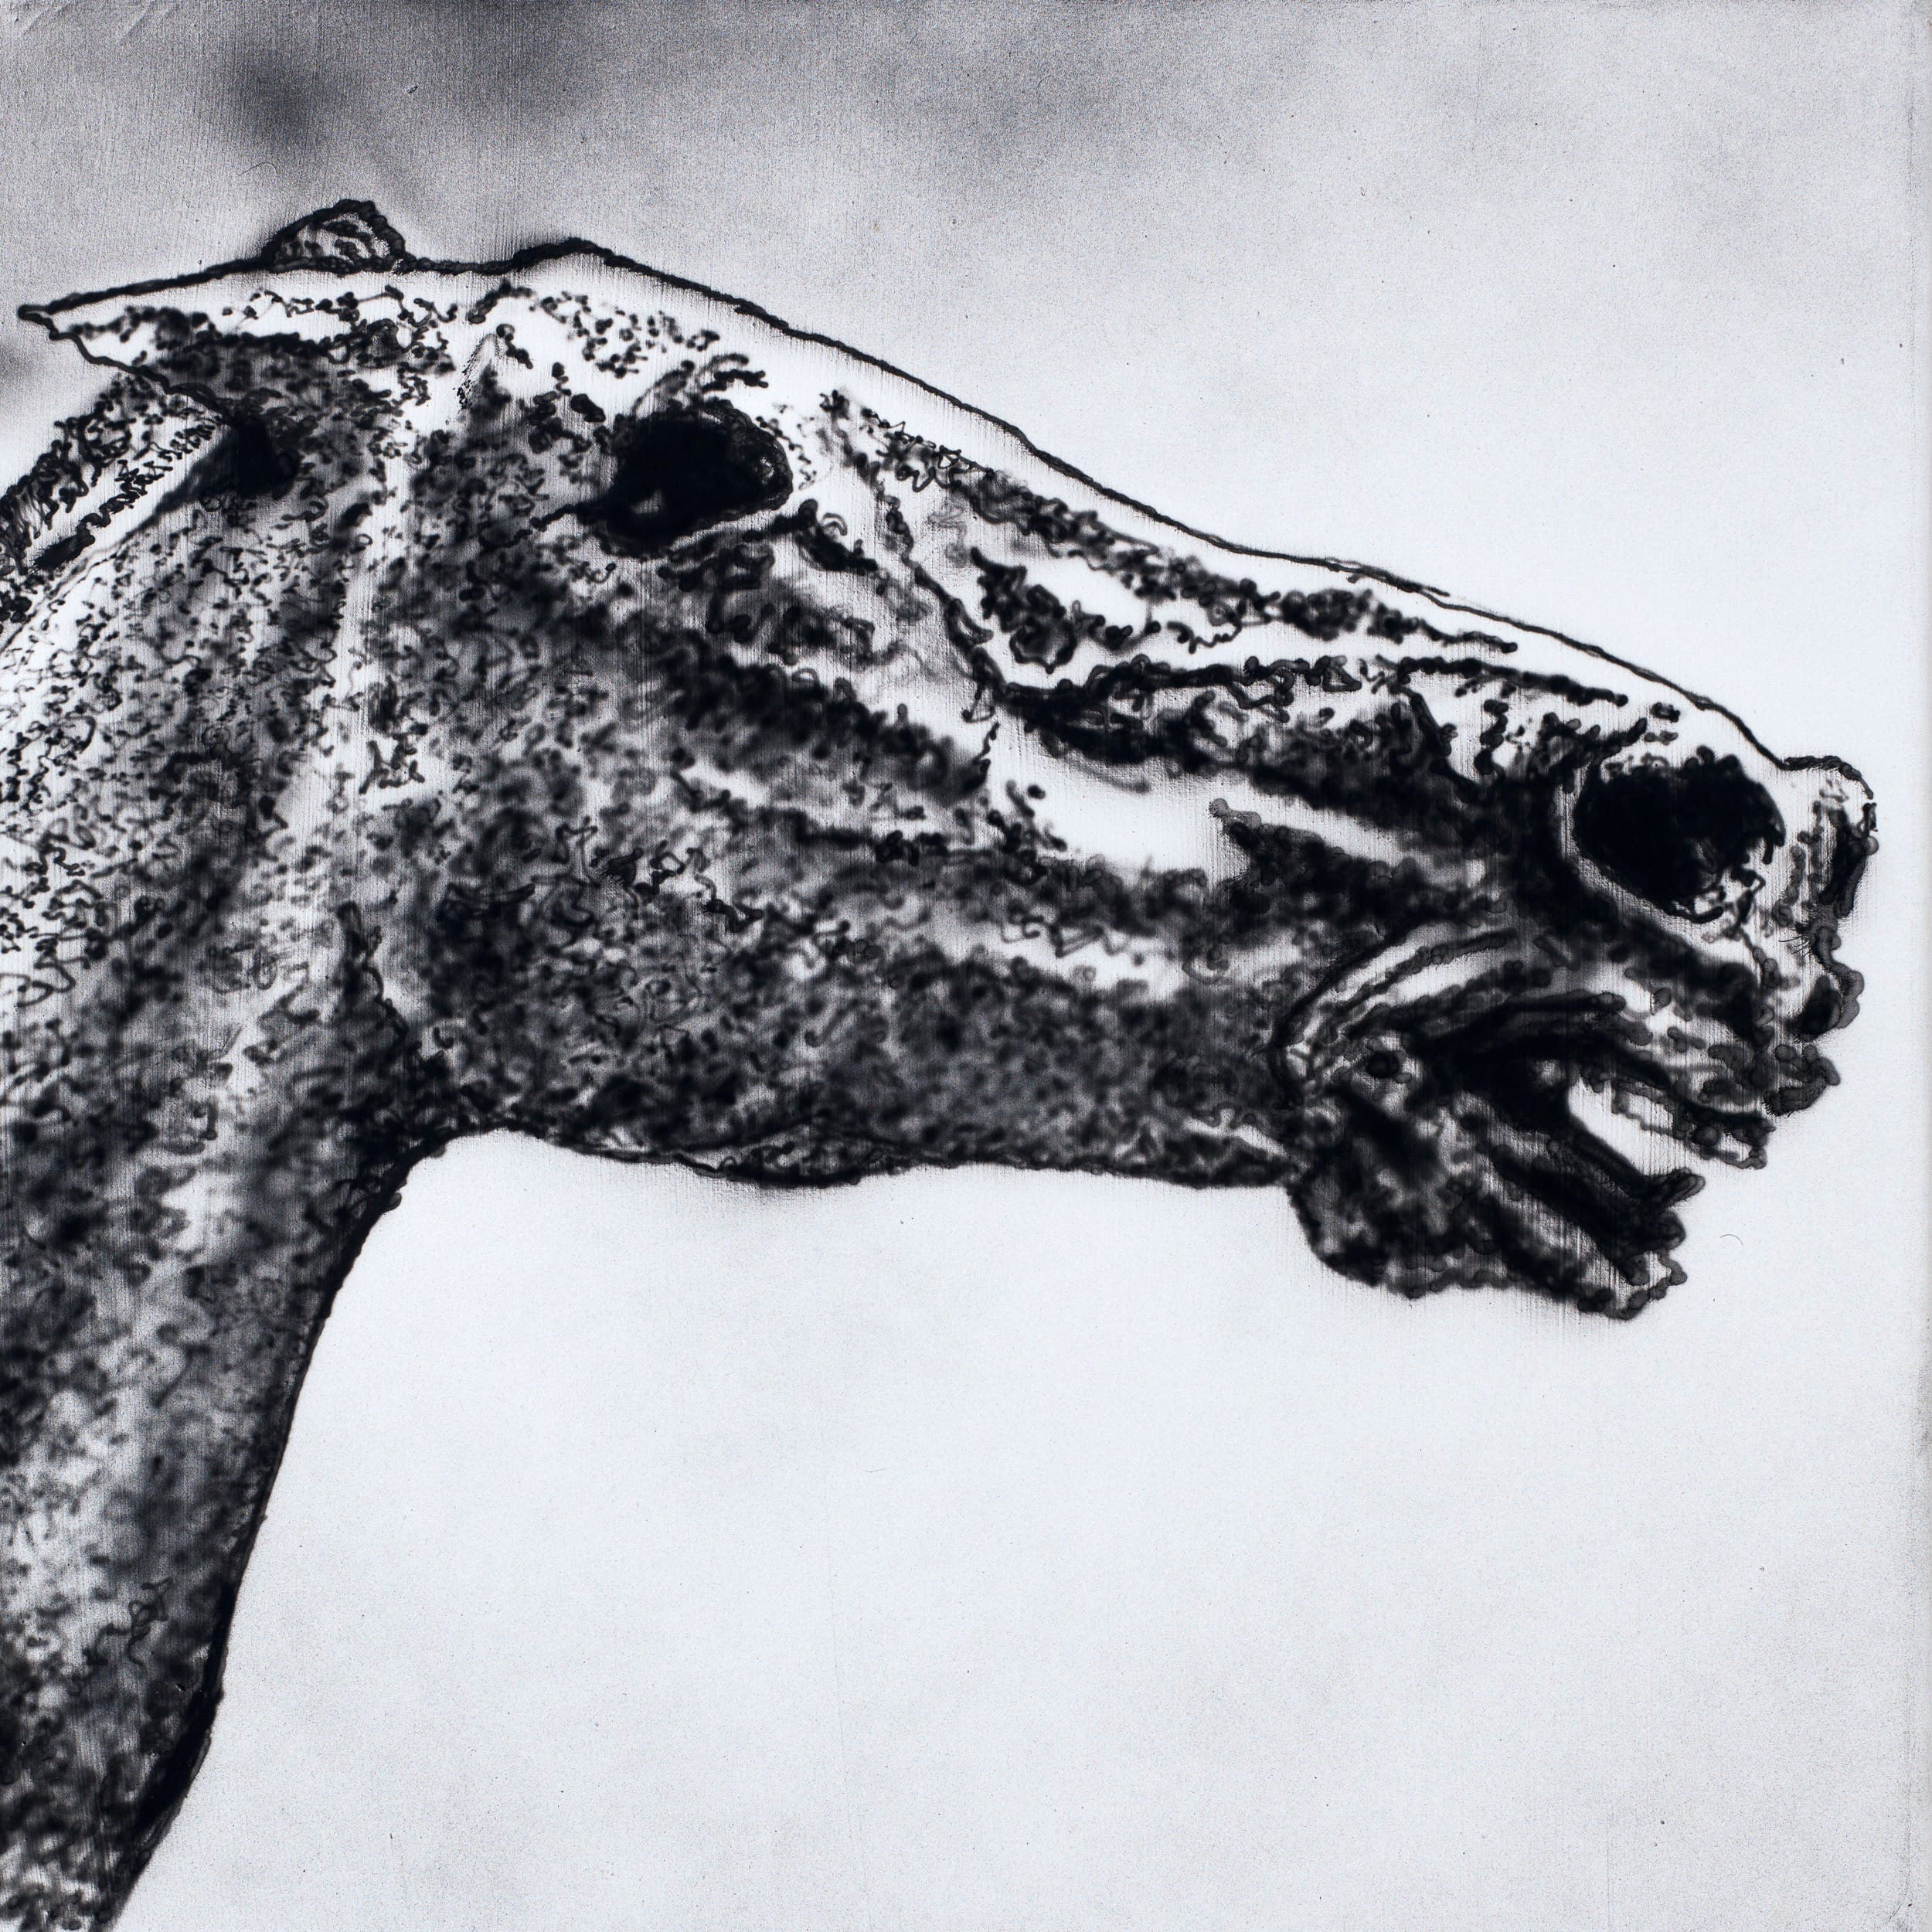 Horse head. Oil on canvas, 50 x 50 cm, 2019